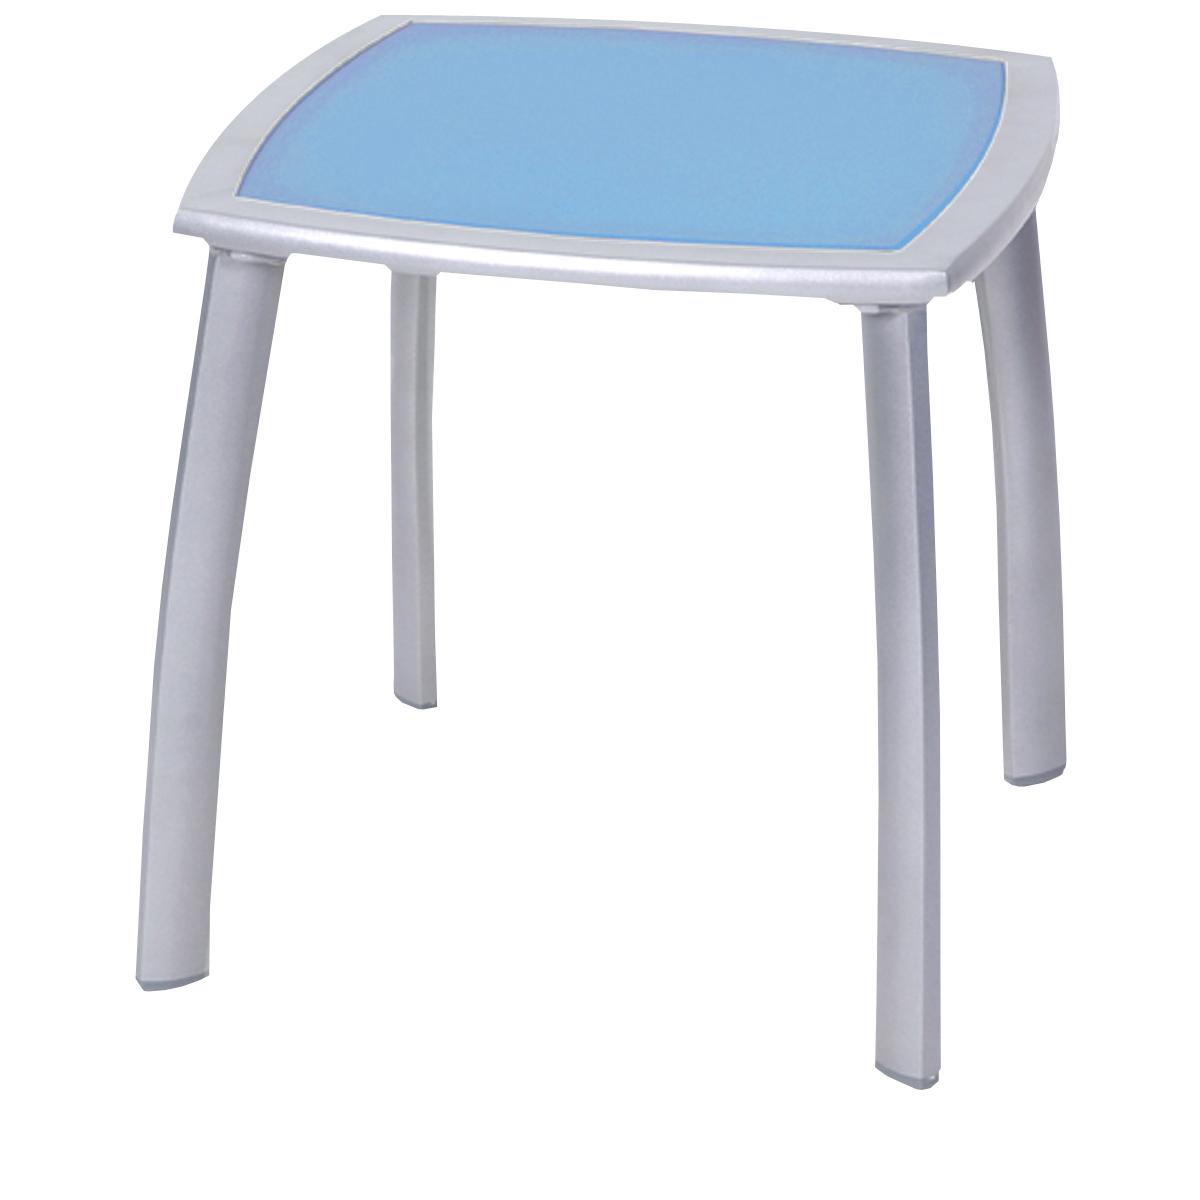 Table d 39 appoint cuzco bleue alu et verre teint x l for Table d appoint jardin